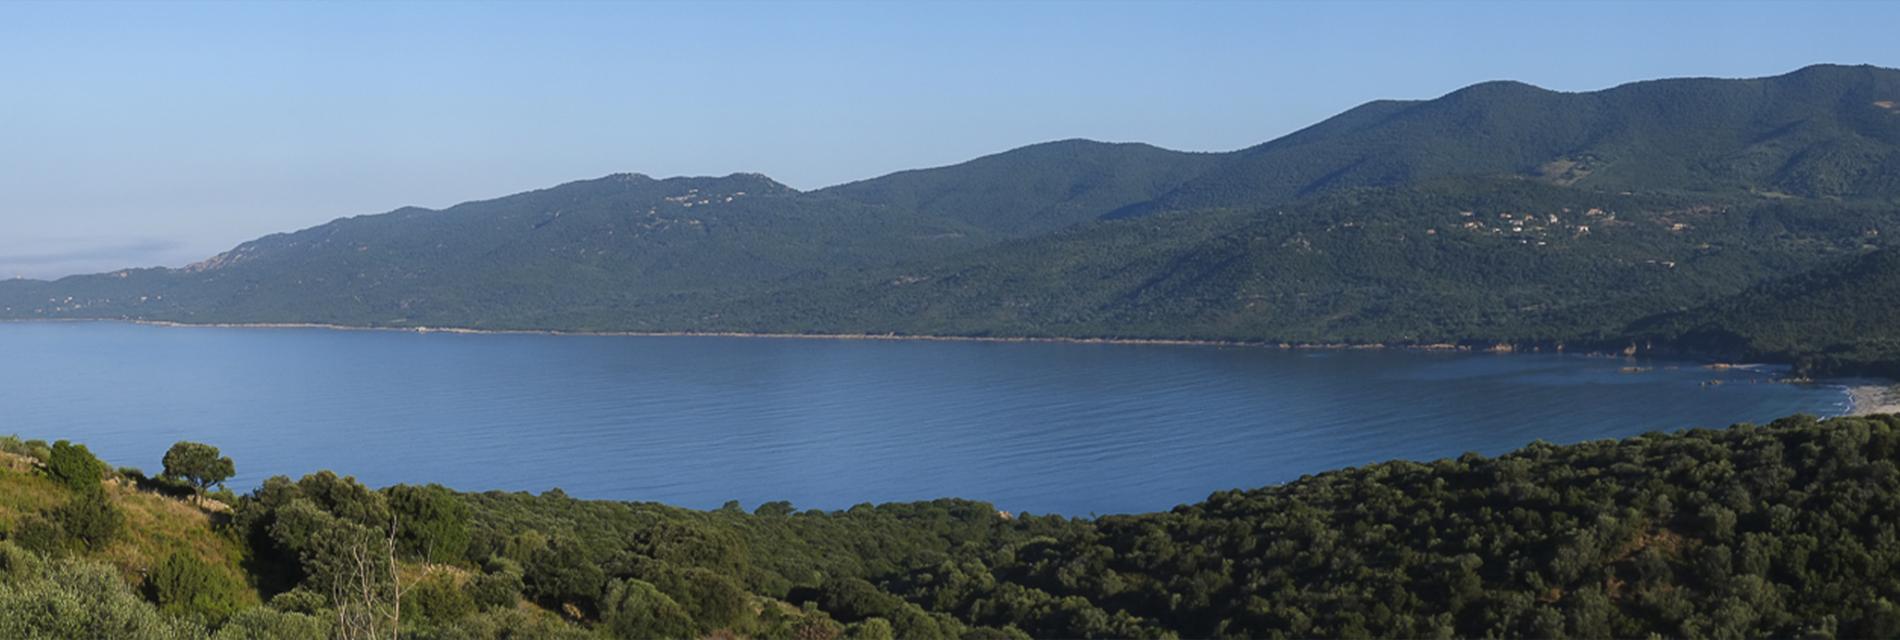 Slide la vue sur la baie Cupabia